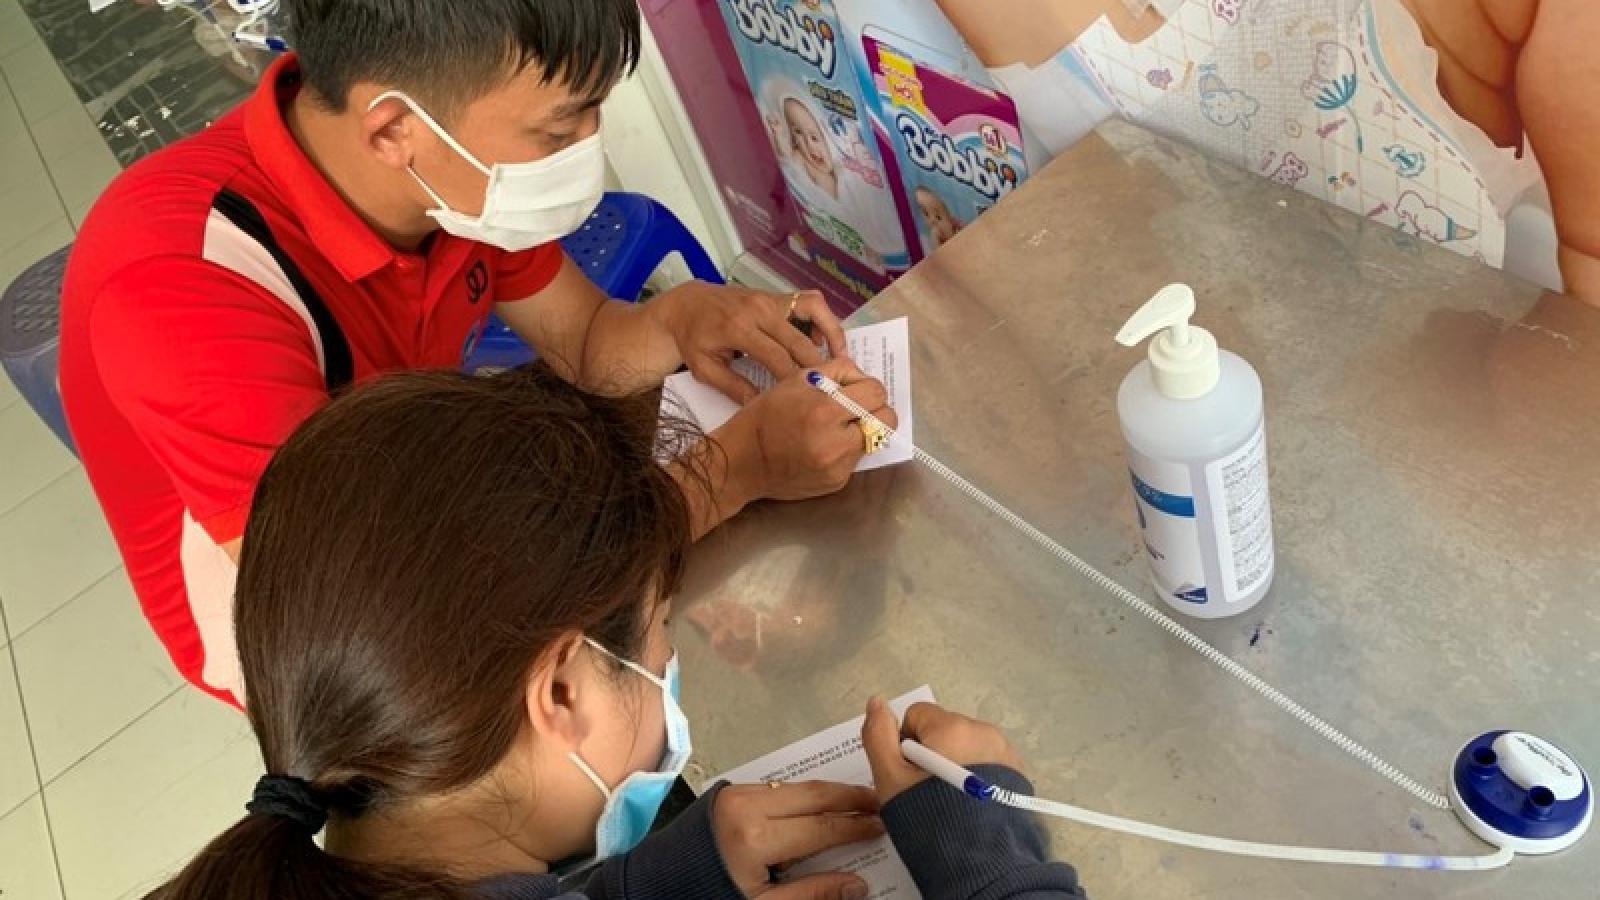 TP Hồ Chí Minh chưa cho phép phẫu thuật thẩm mỹ hoạt động trở lại